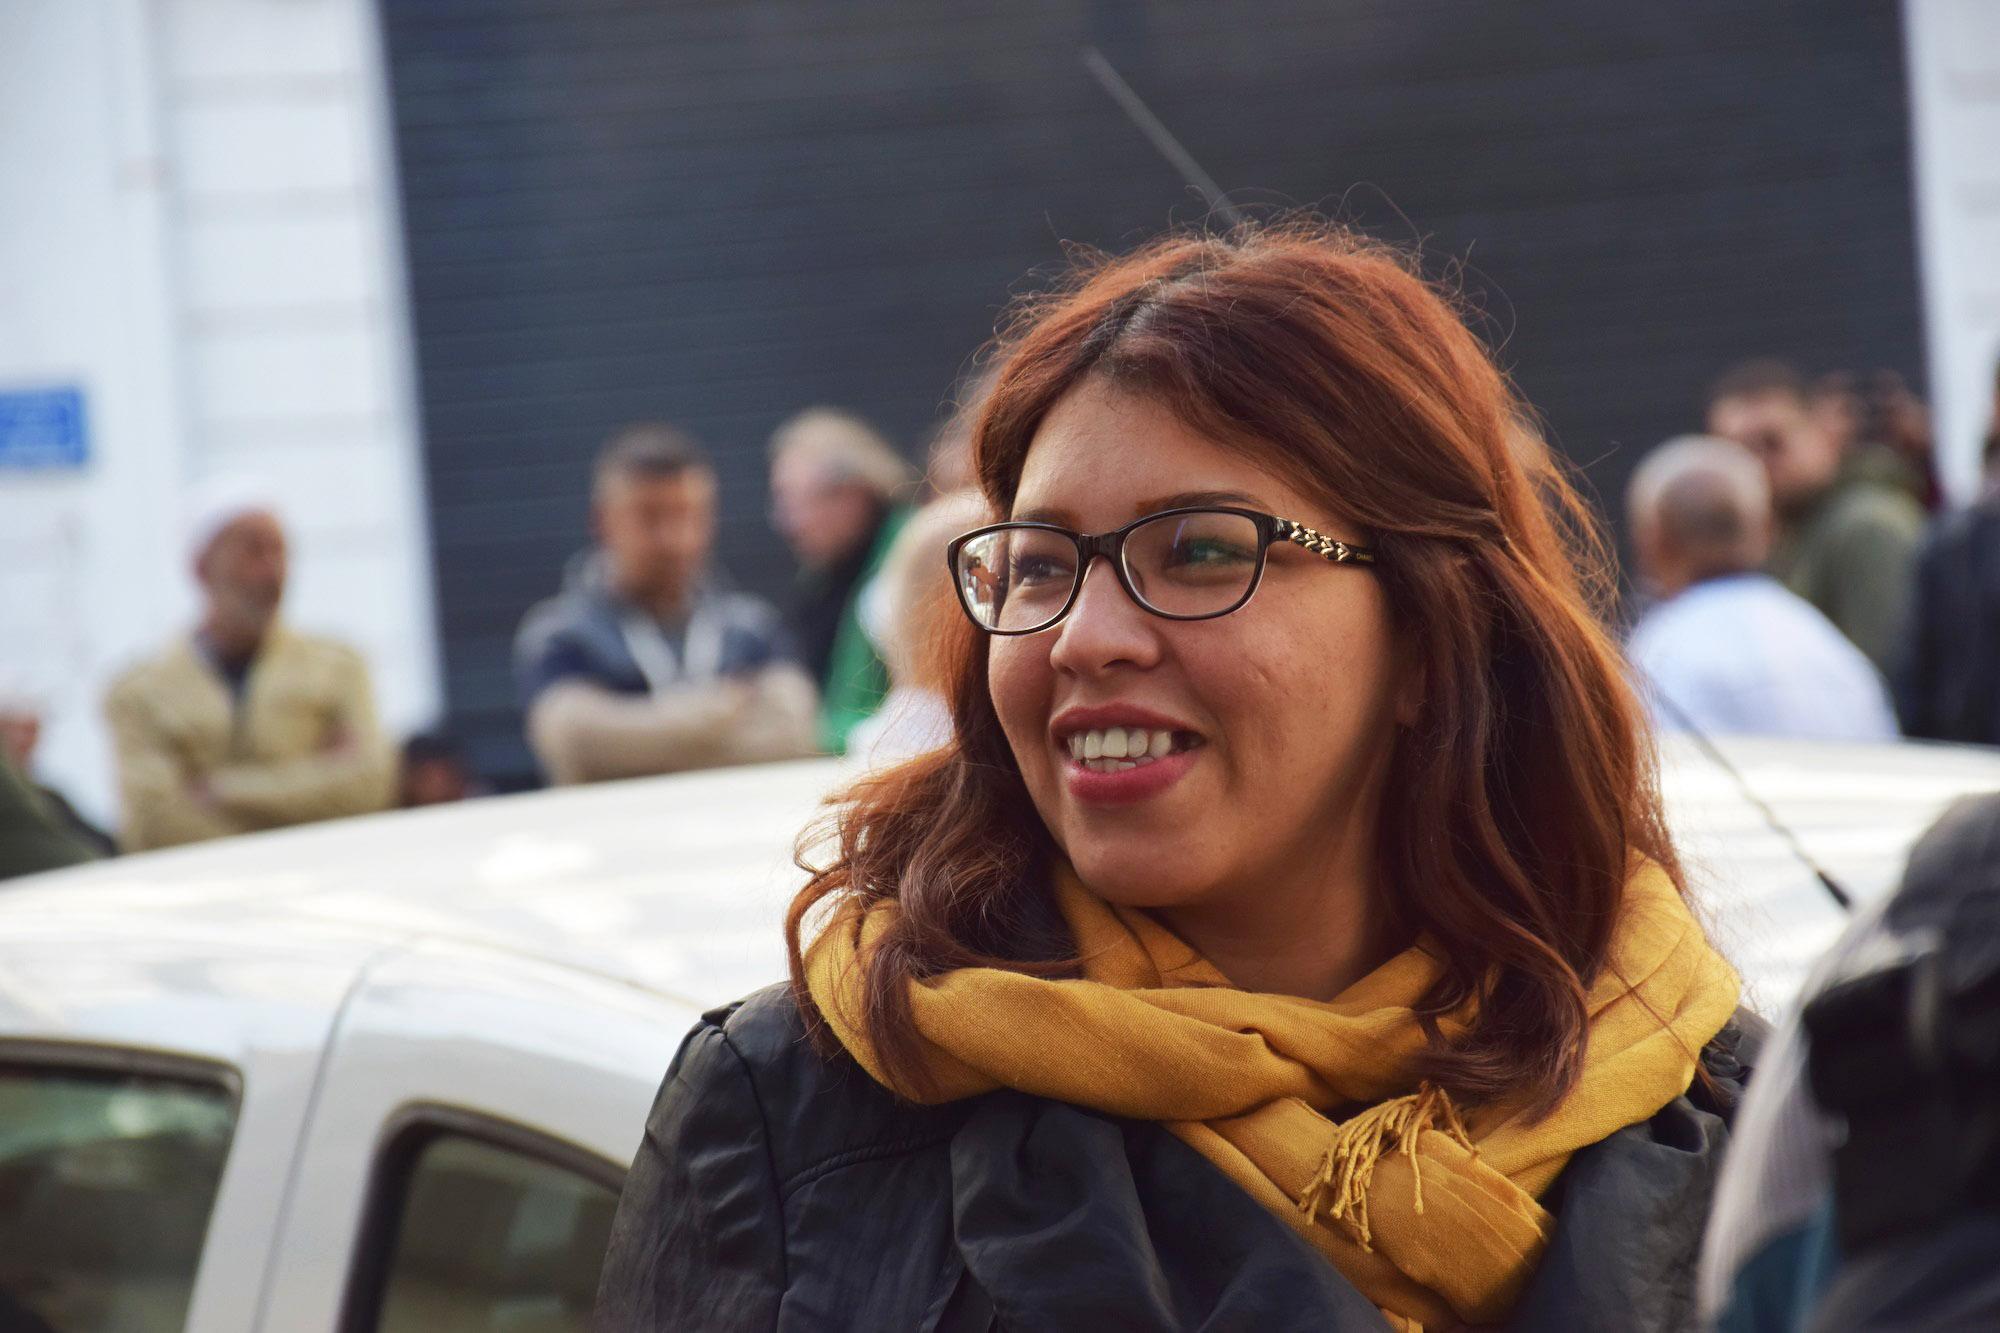 La garde à vue de la journaliste Kenza Khatto prolongée de 24 heures